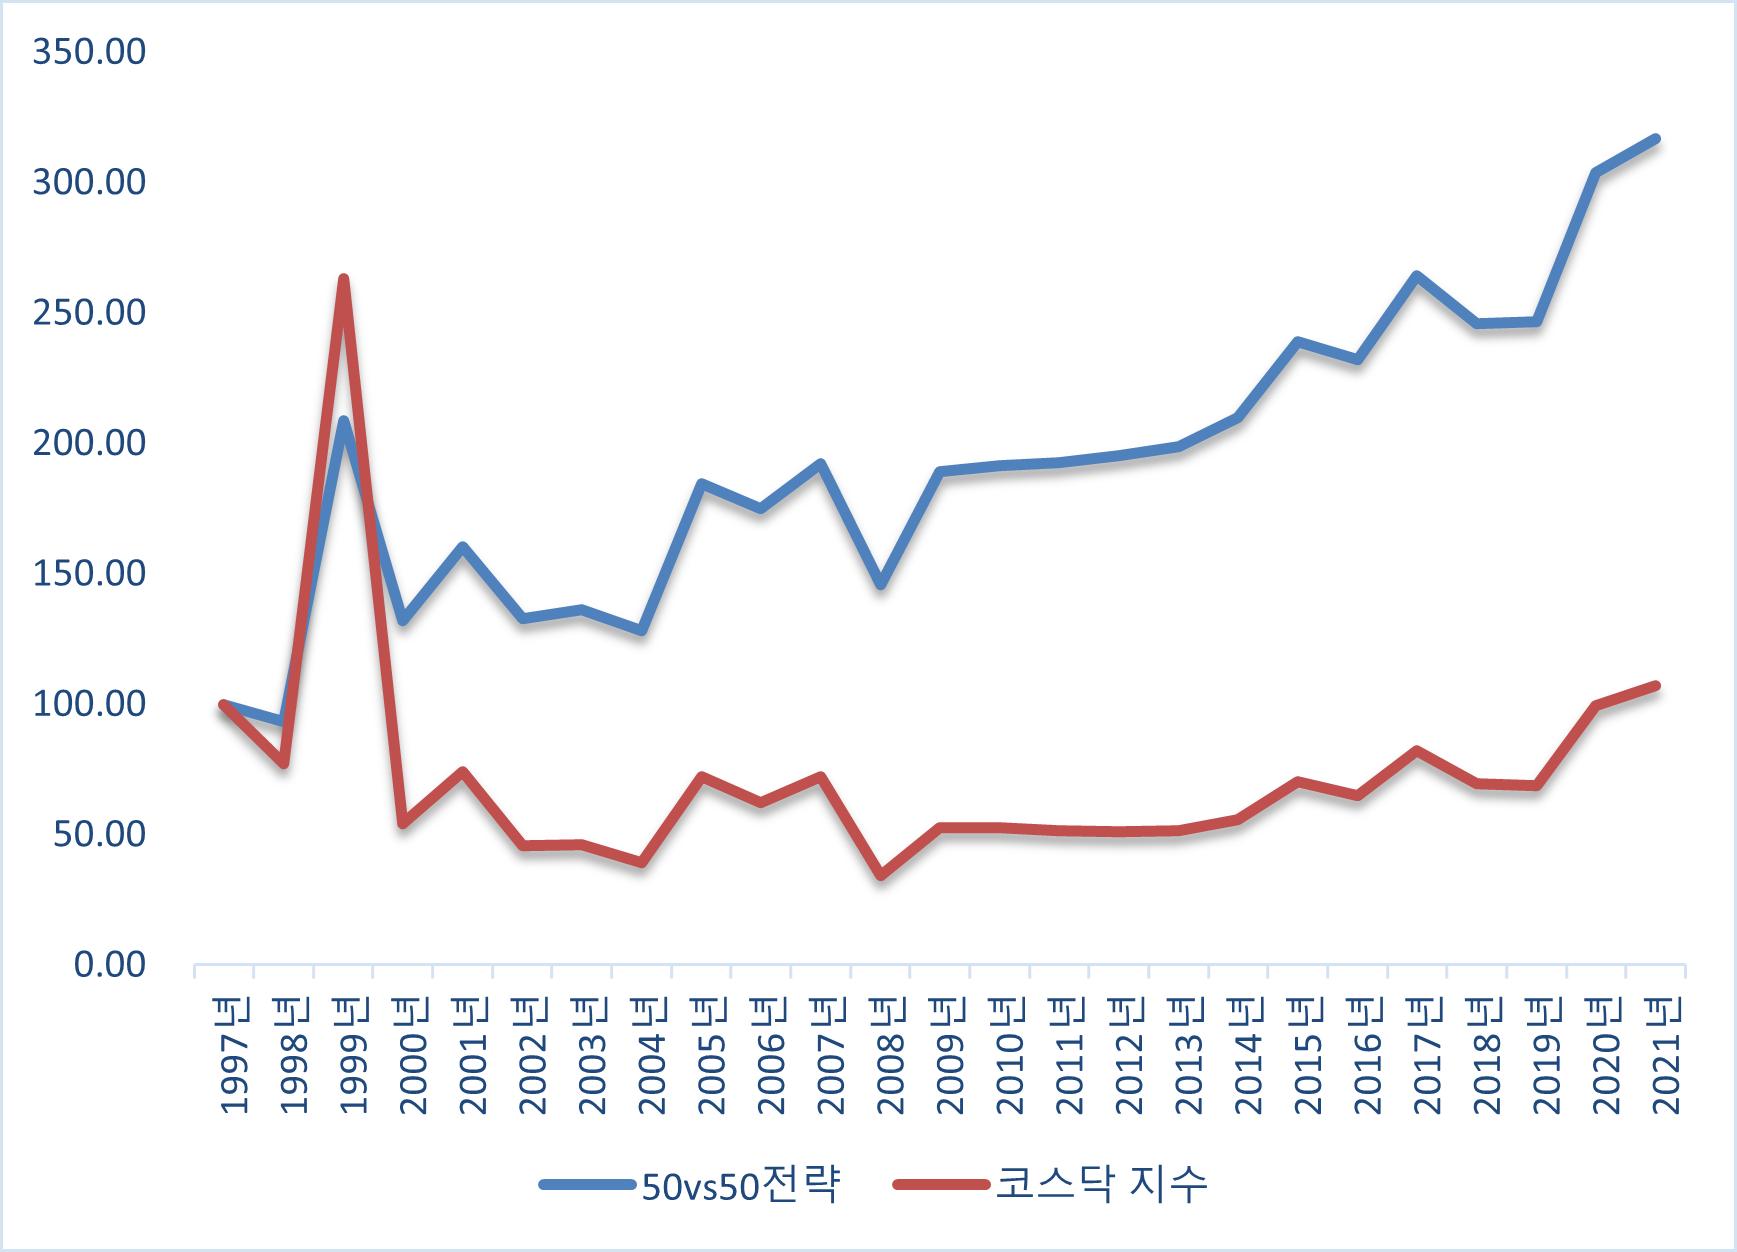 코스닥 시장에서의 50vs50은 이미 99년 고점을 훨씬 뛰어넘어있다